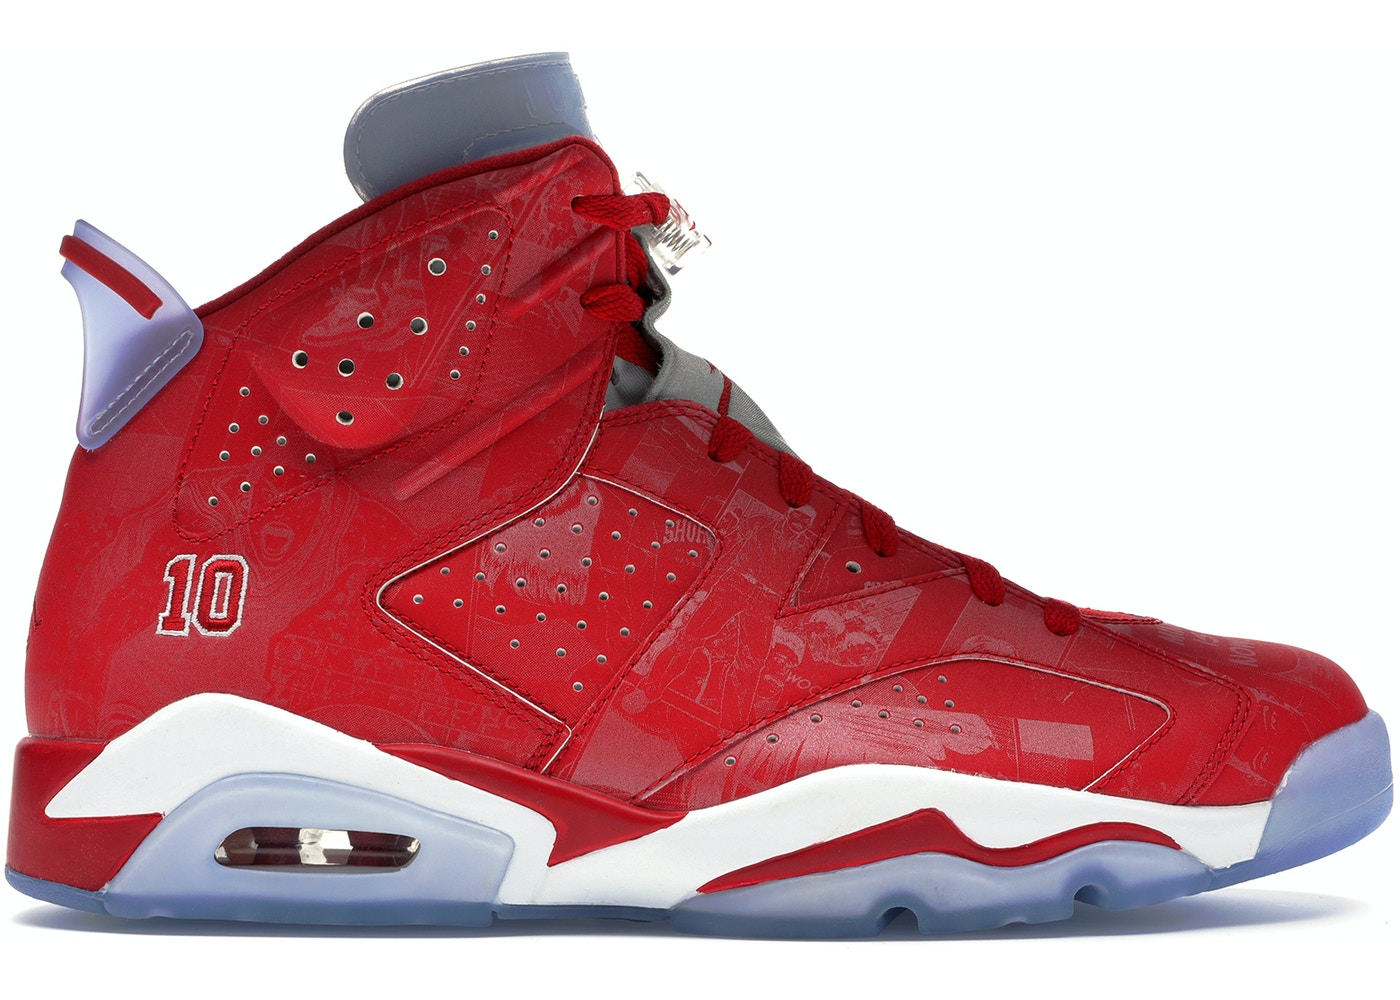 d85d2b45f931 Buy Air Jordan 6 Shoes   Deadstock Sneakers